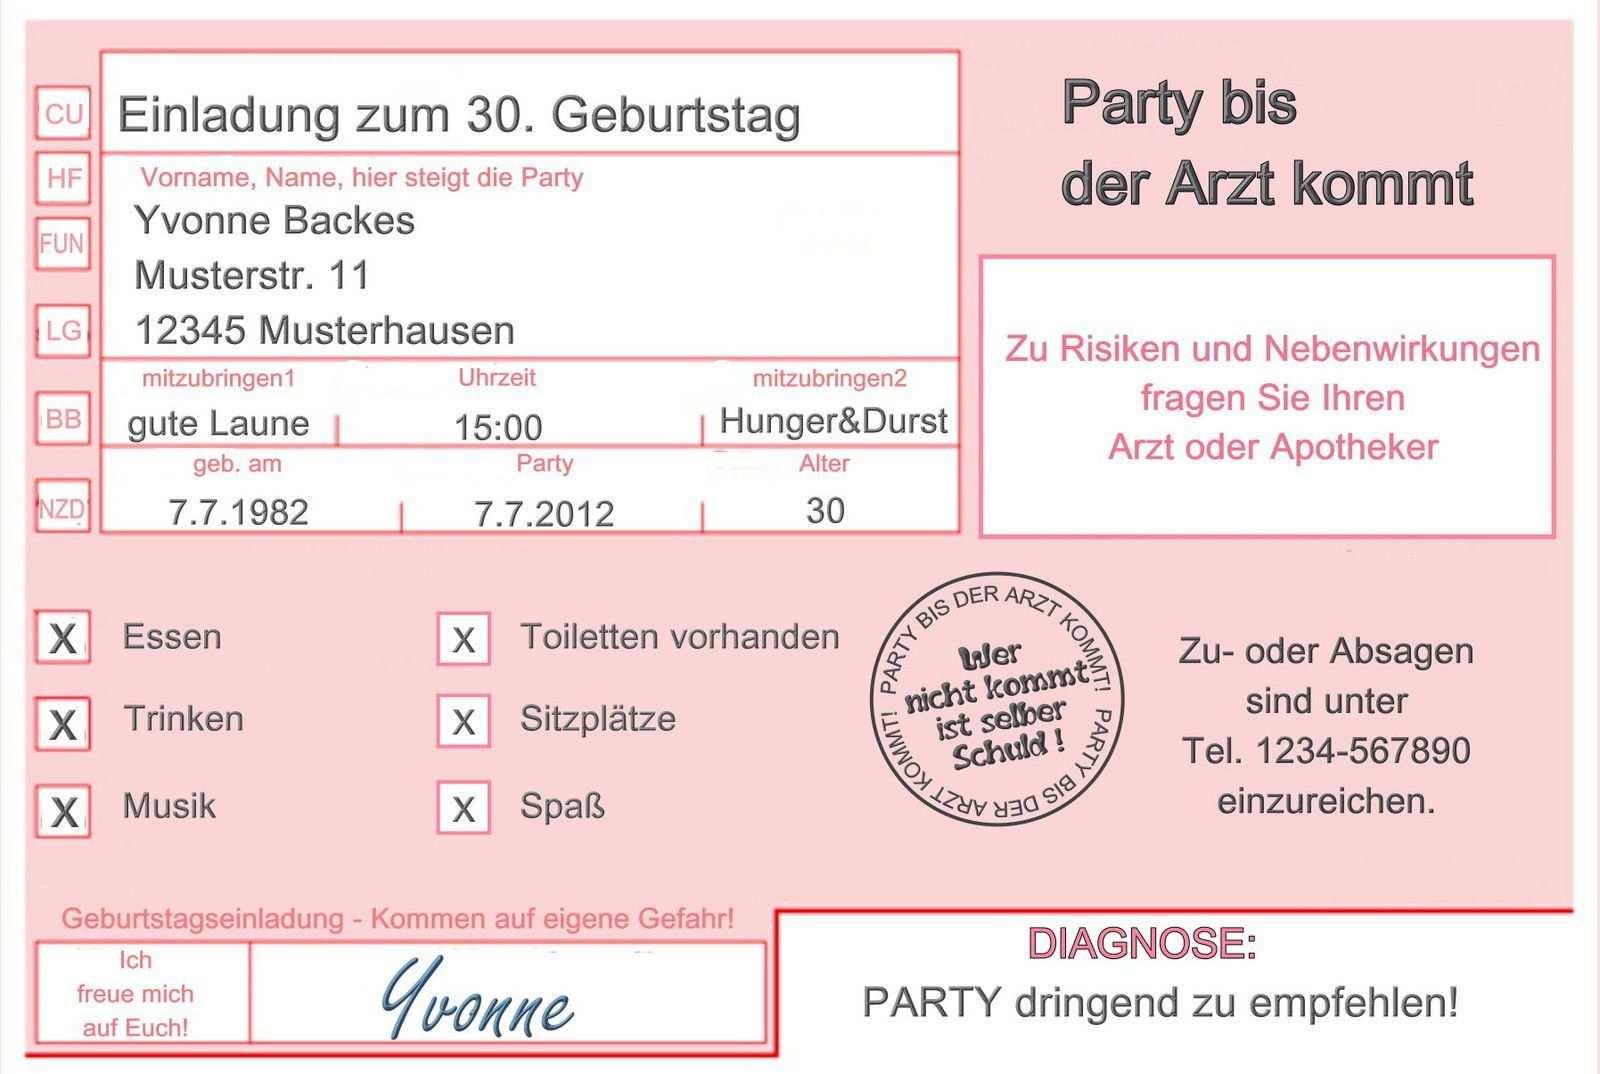 The Charming Einladungskarten Zum Geburtstag Kostenlos Downloaden Images Be Einladung 50 Geburtstag Einladungen Geburtstag Kostenlos Einladung Geburtstag Text